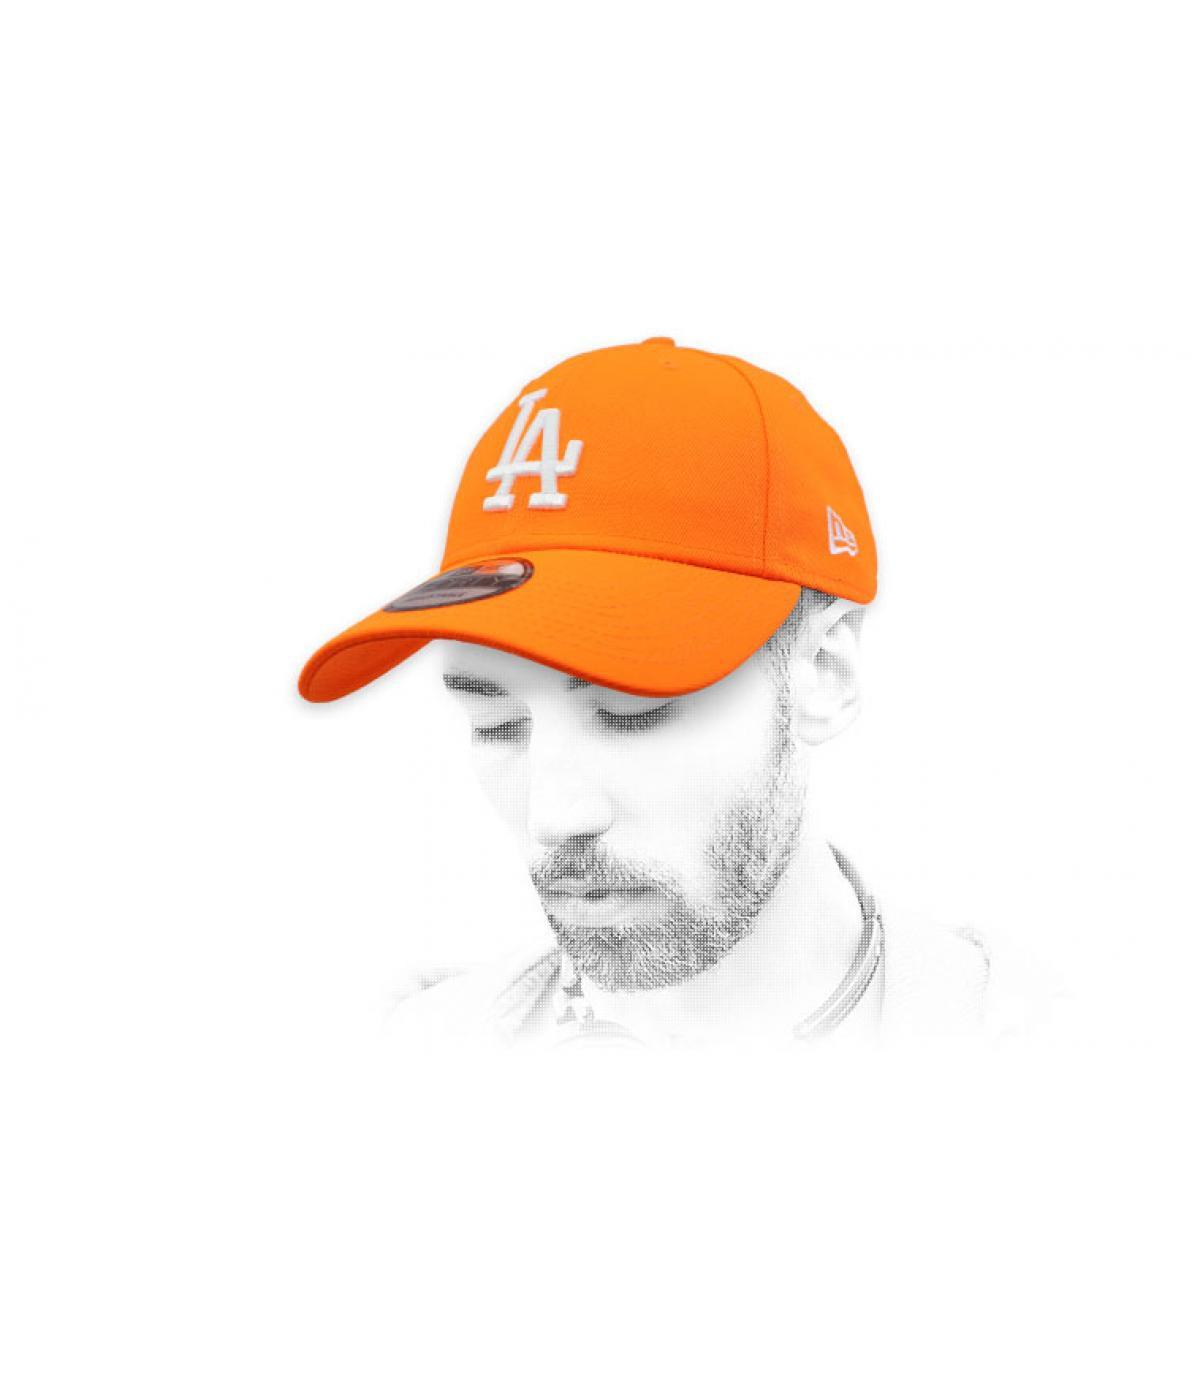 LA orange cap